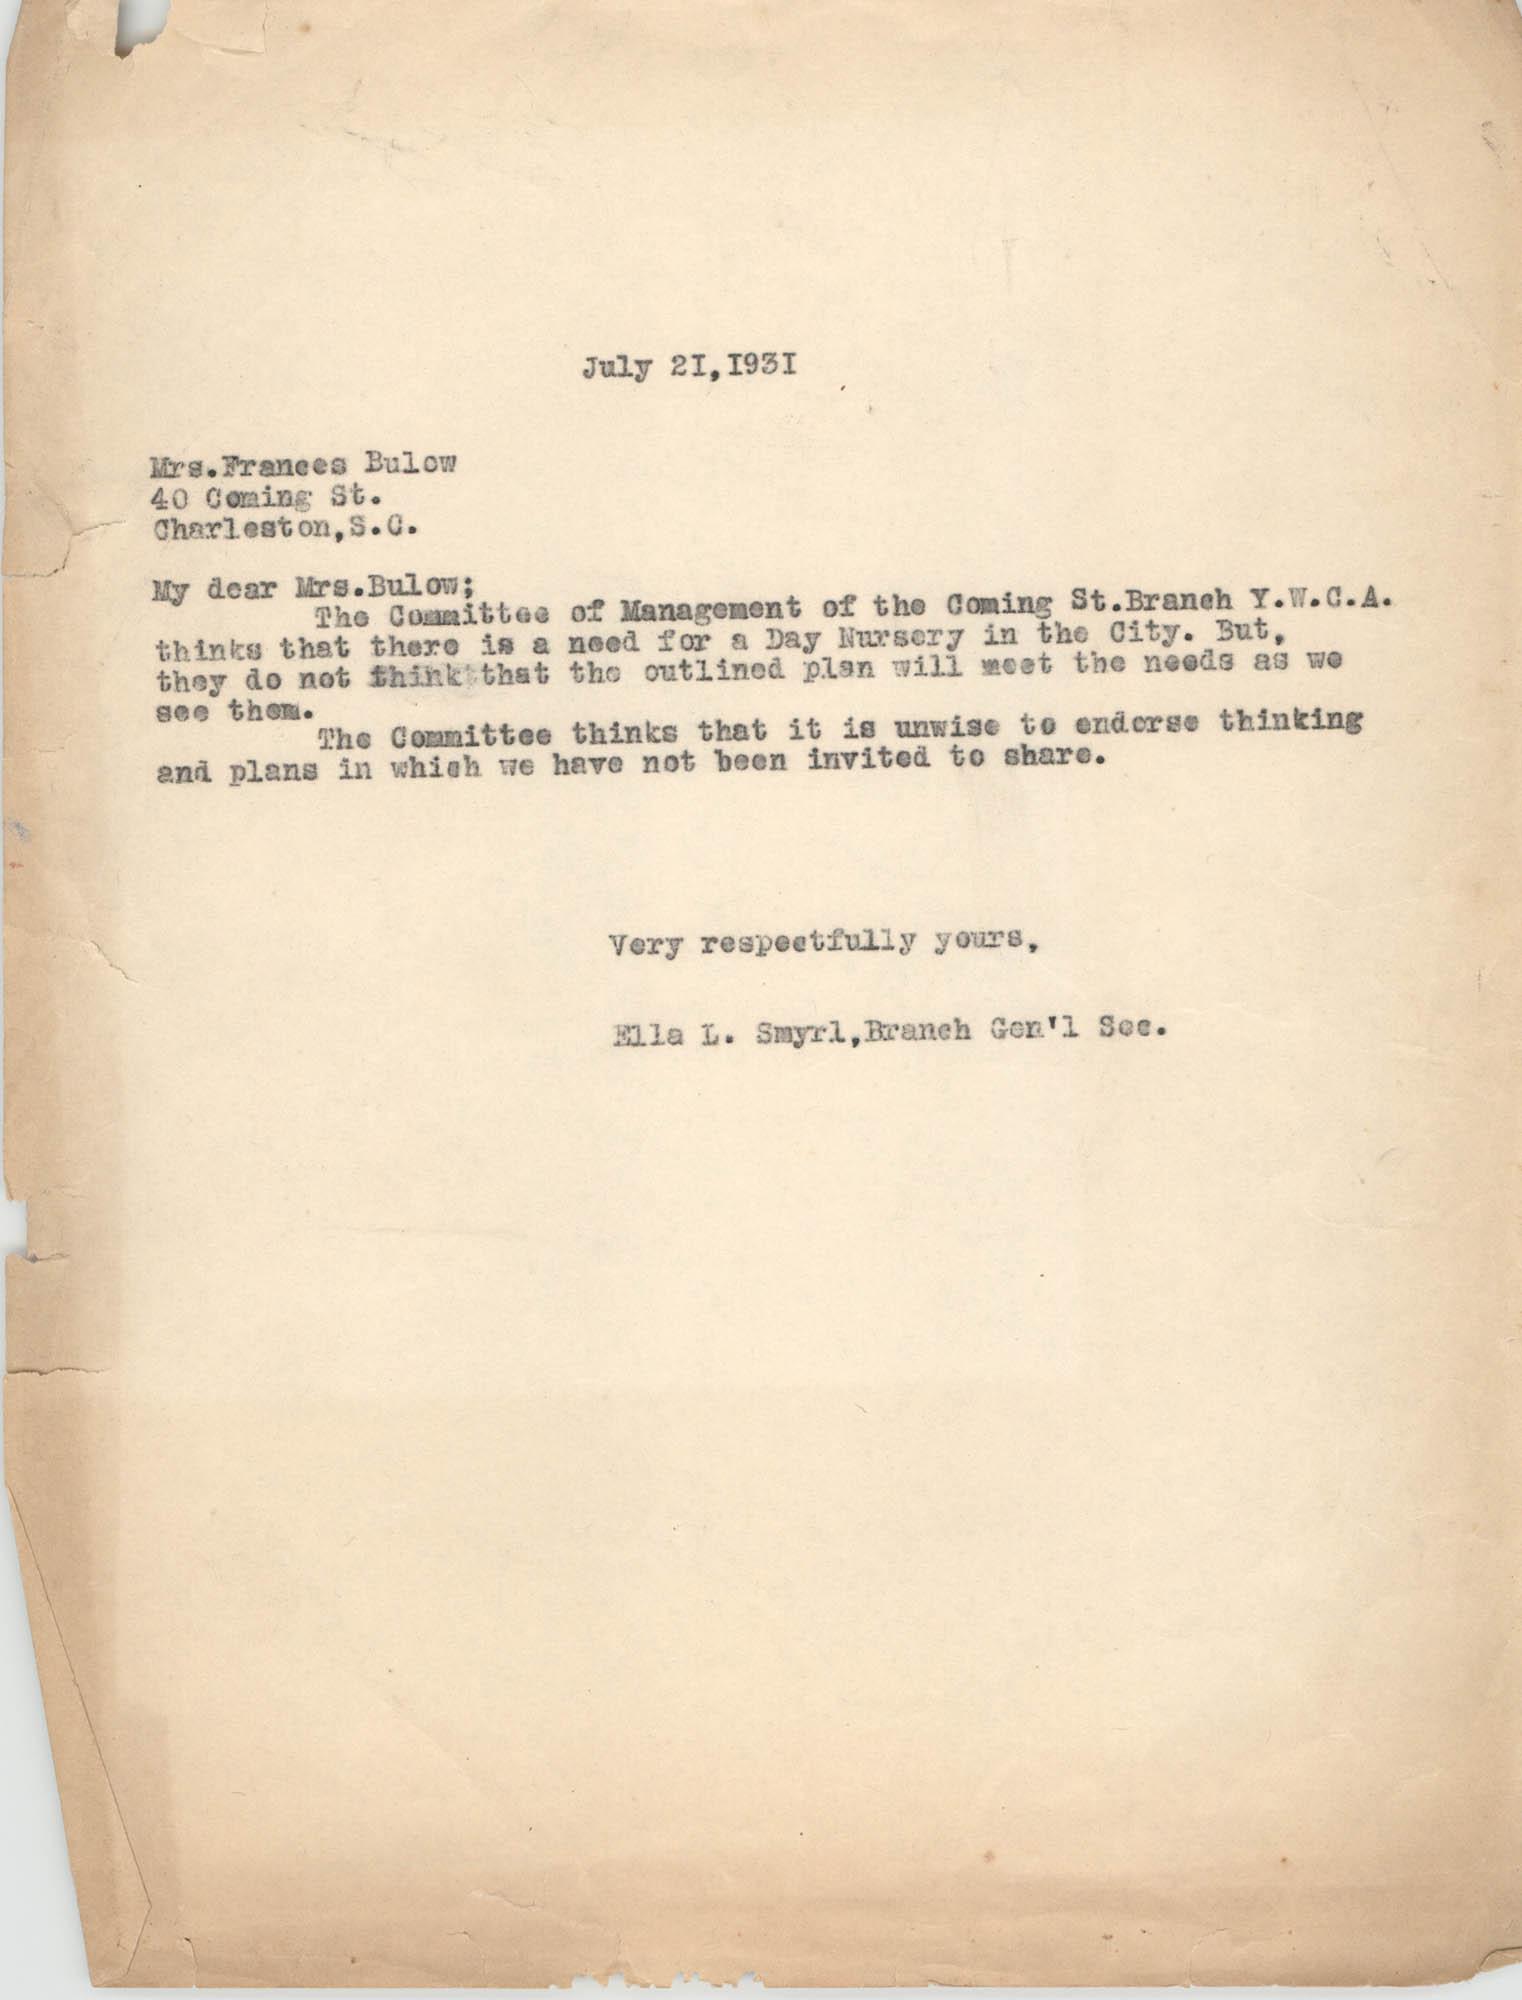 Letter from Ella L. Smyrl to Frances Bulow, July 21, 1931